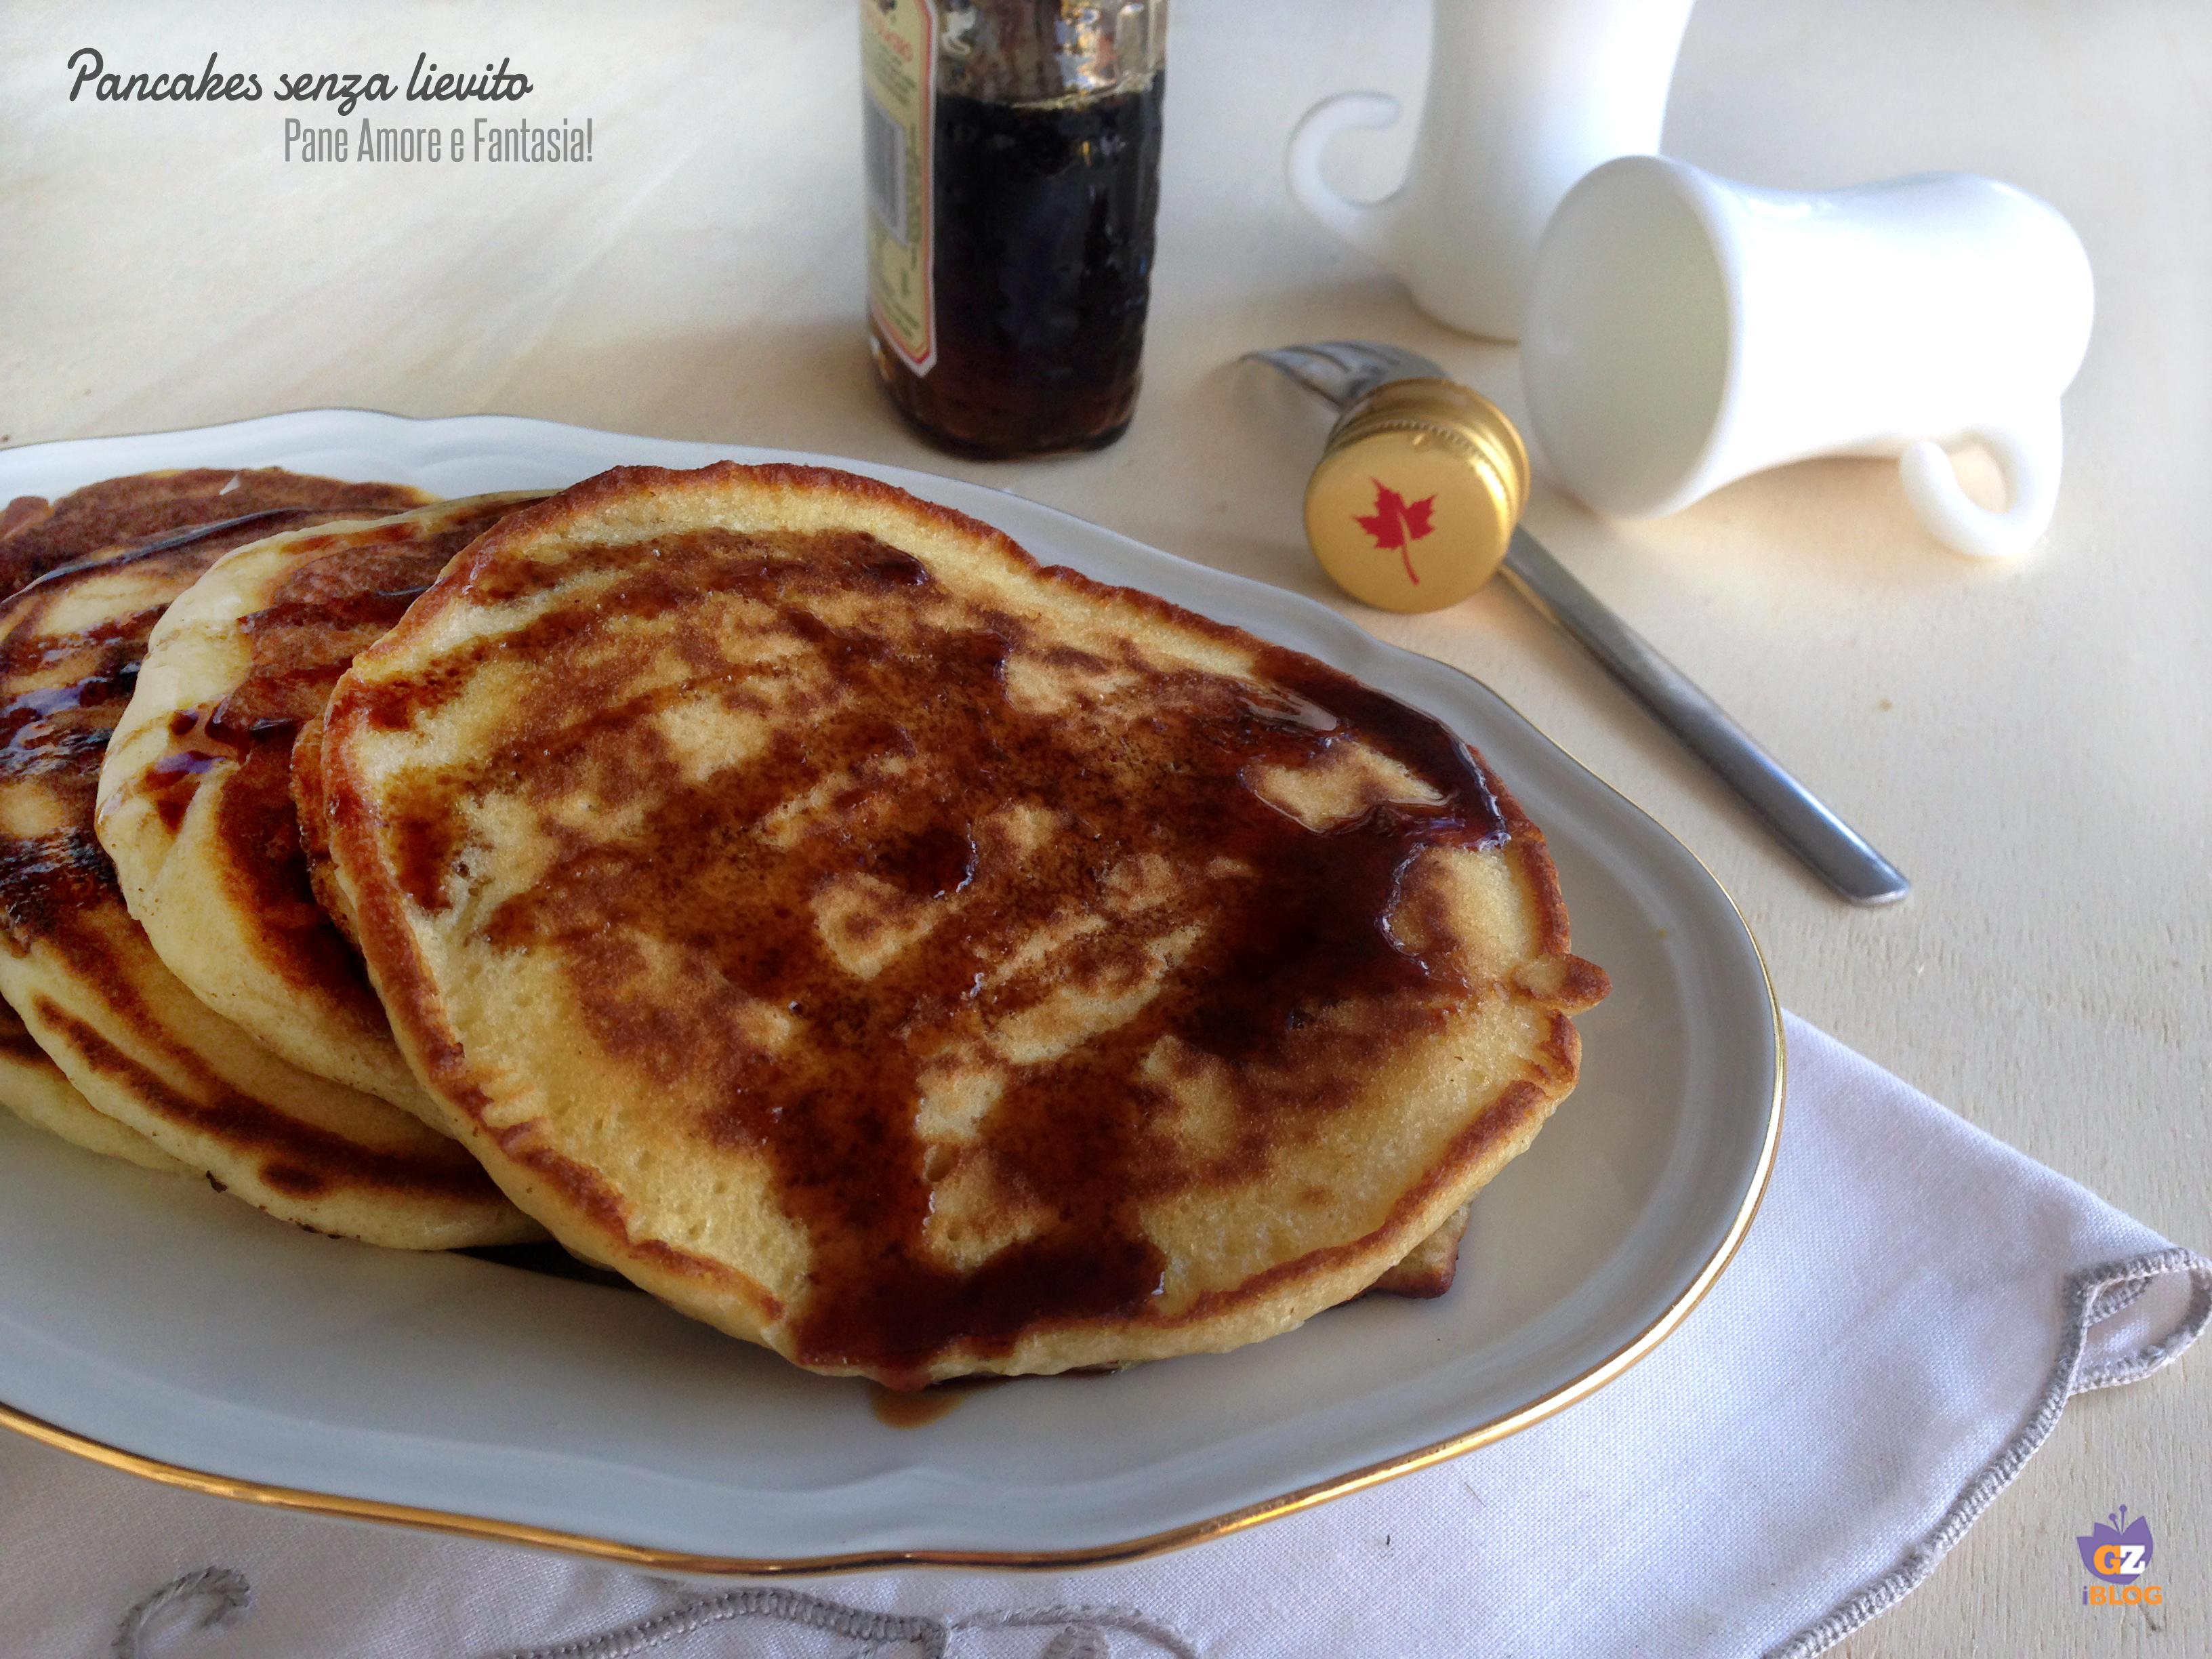 pancakes senza lievito